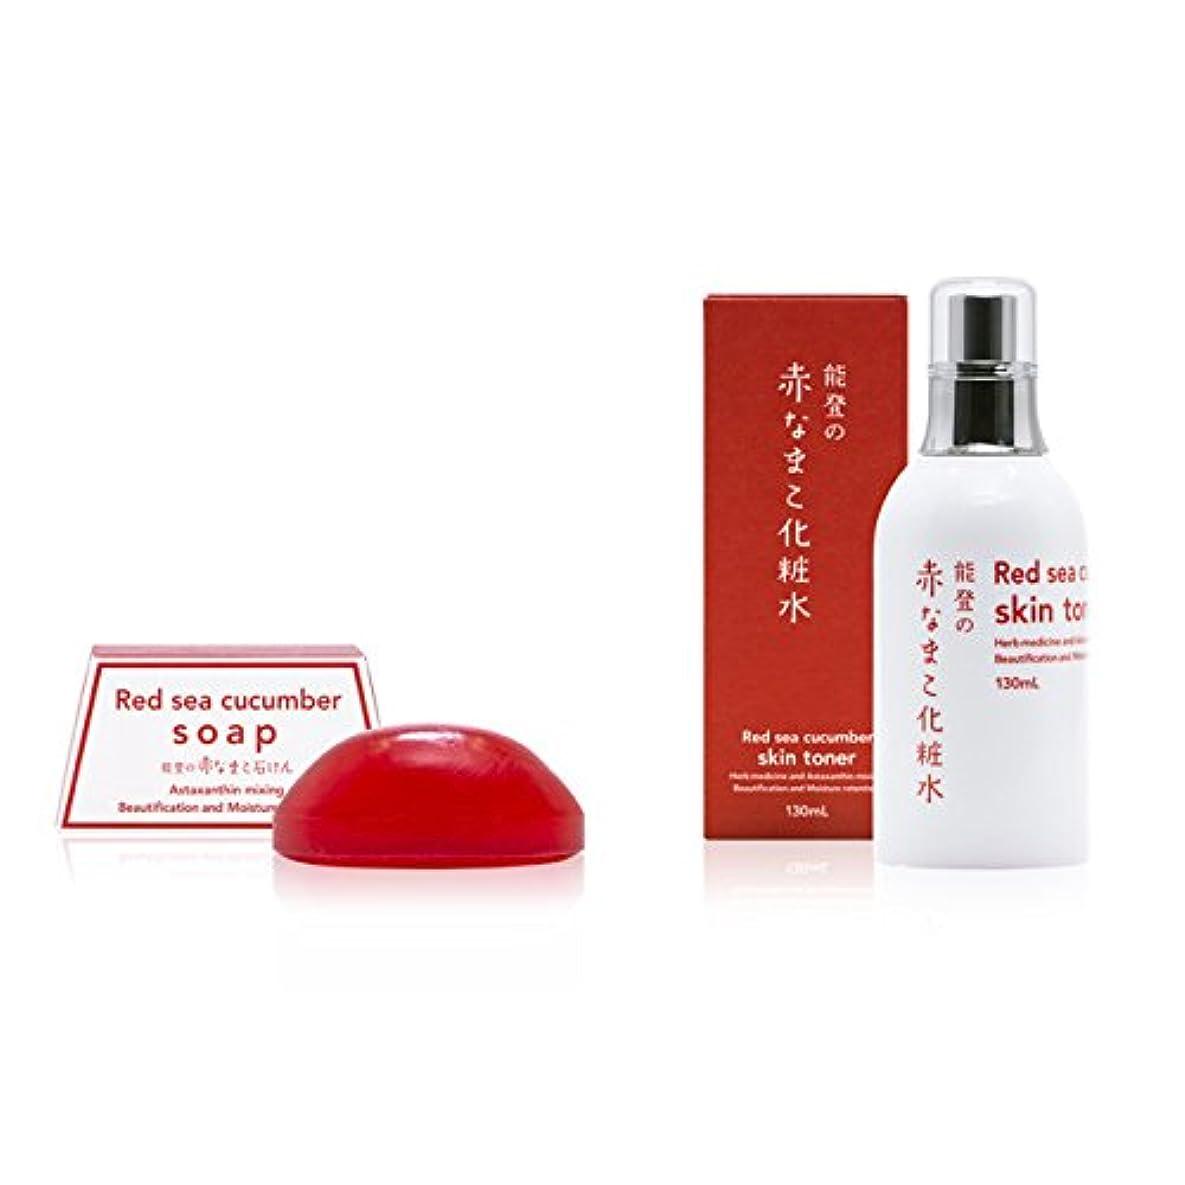 二次叱るタイムリーな能登の赤なまこ石けん&能登の赤なまこ化粧水セット